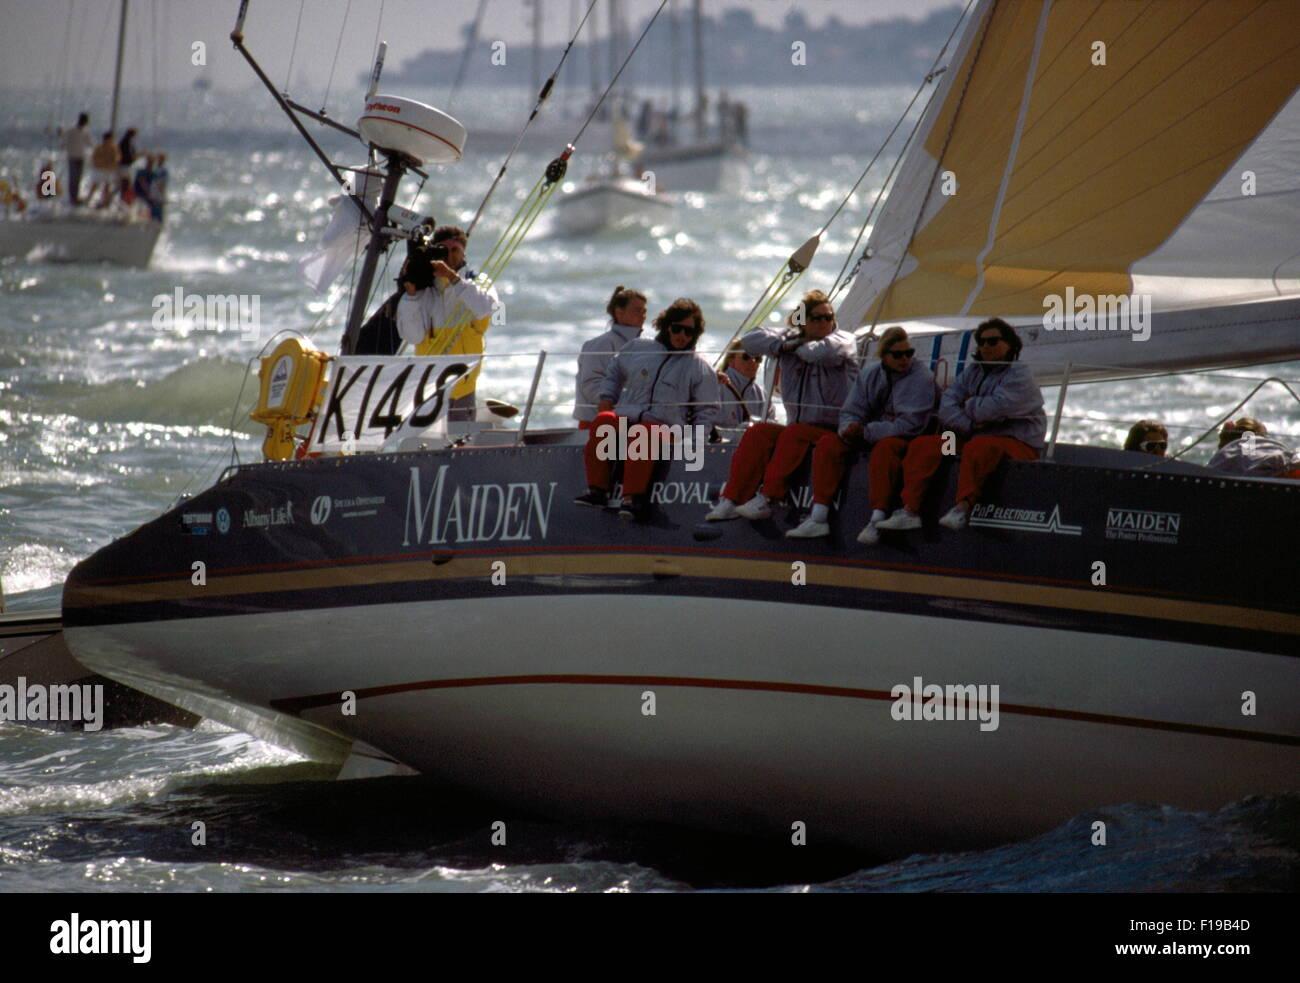 AJAXNETPHOTO. 1989. SOLENT, ENGLAND. -WHITBREAD RENNEN YACHT - MAIDEN (GBR) MIT SKIPPER VON TRACY EDWARDS IST EIN Stockbild